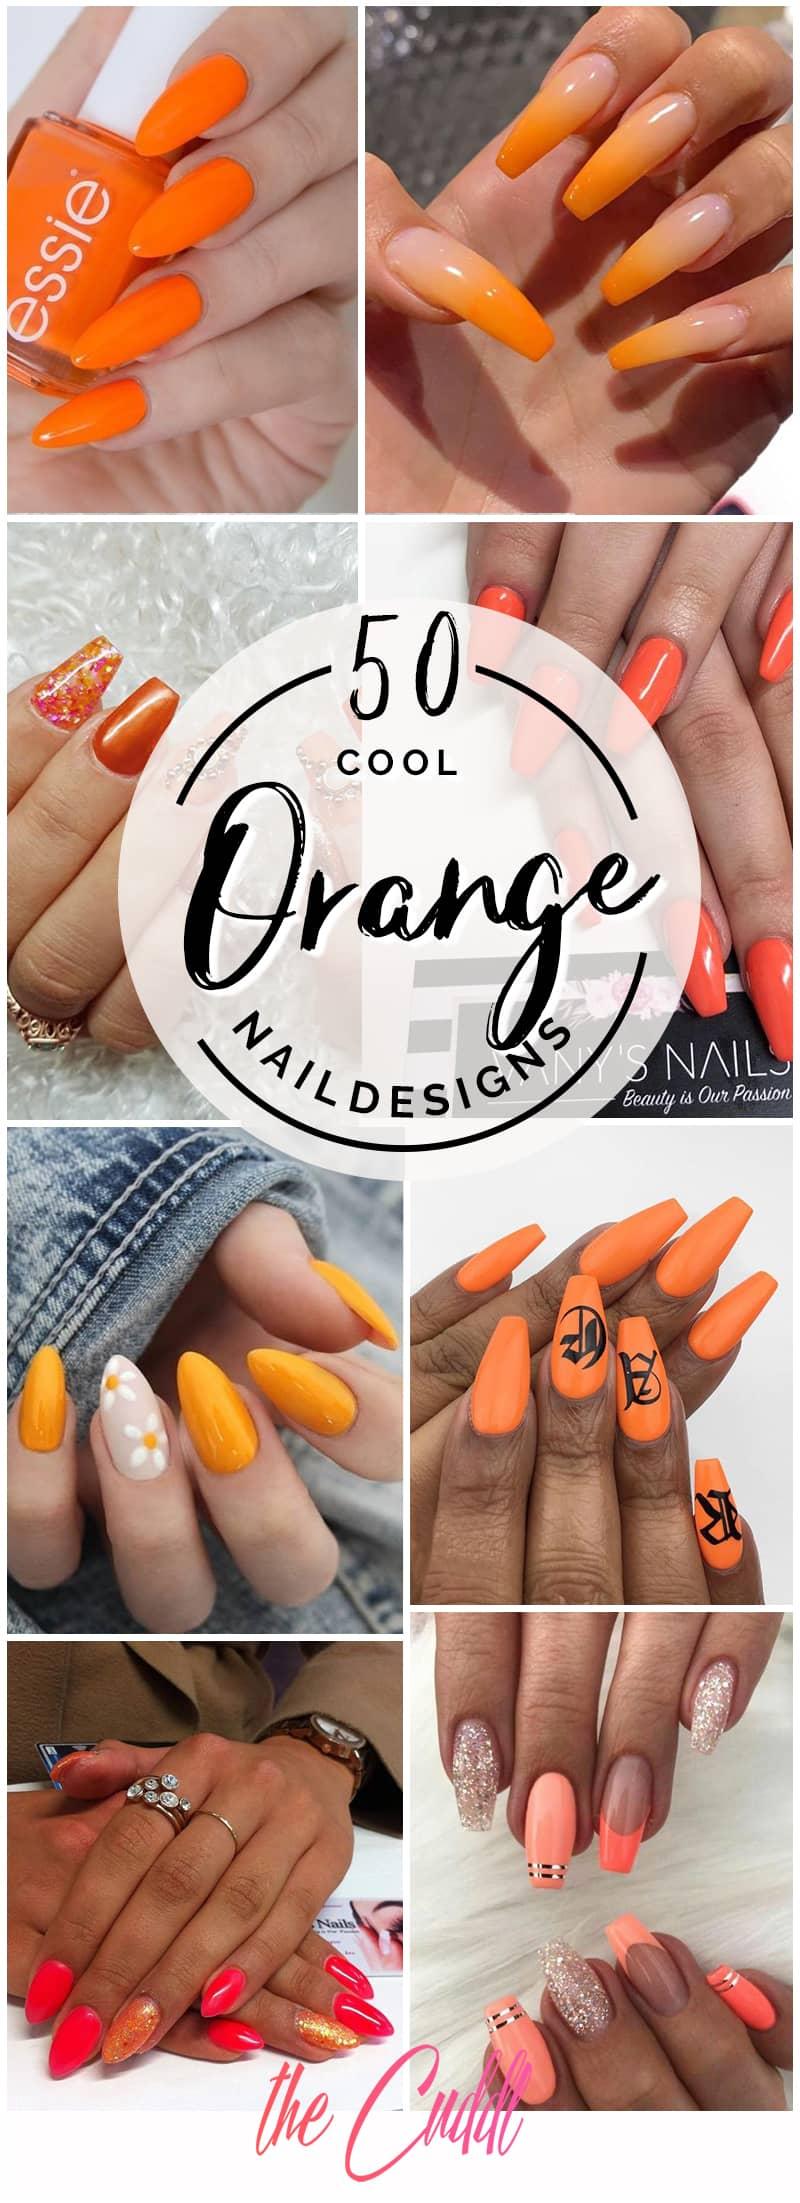 50 Orange Nail Ideas to Make You Stun in Every Season